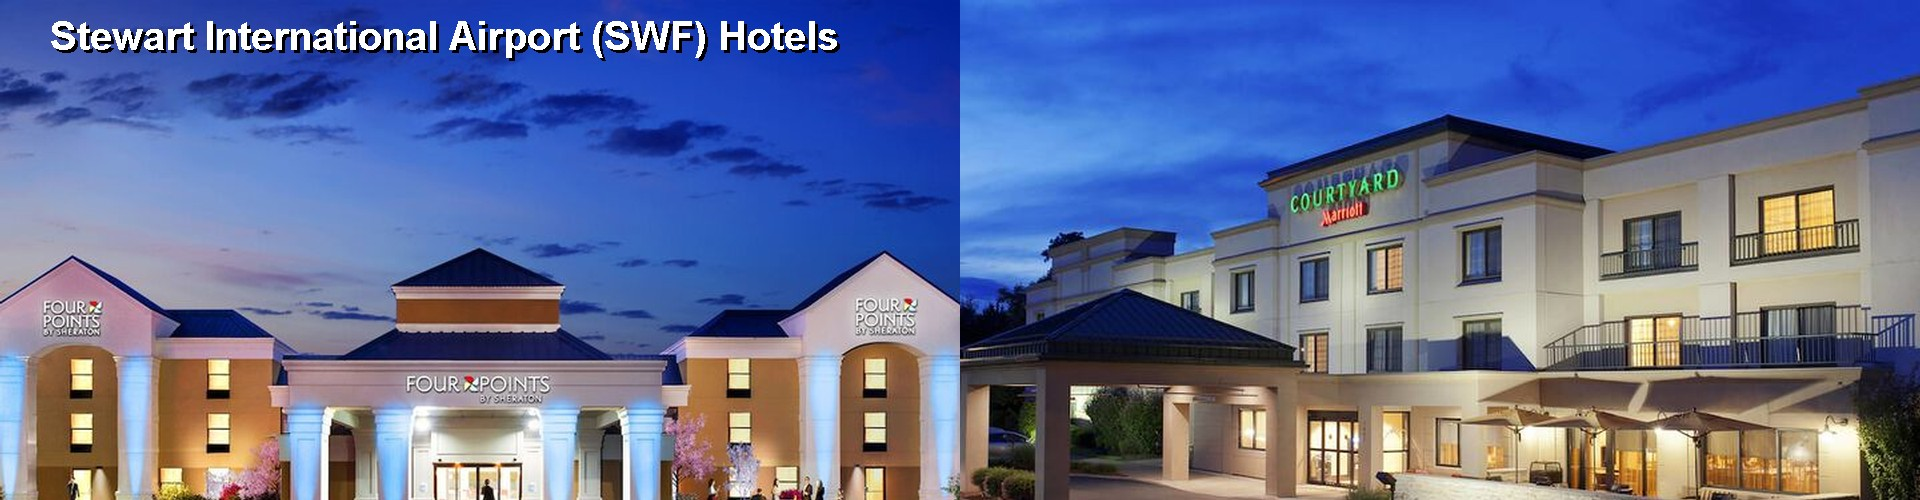 57 Hotels Near Stewart International Airport Swf In